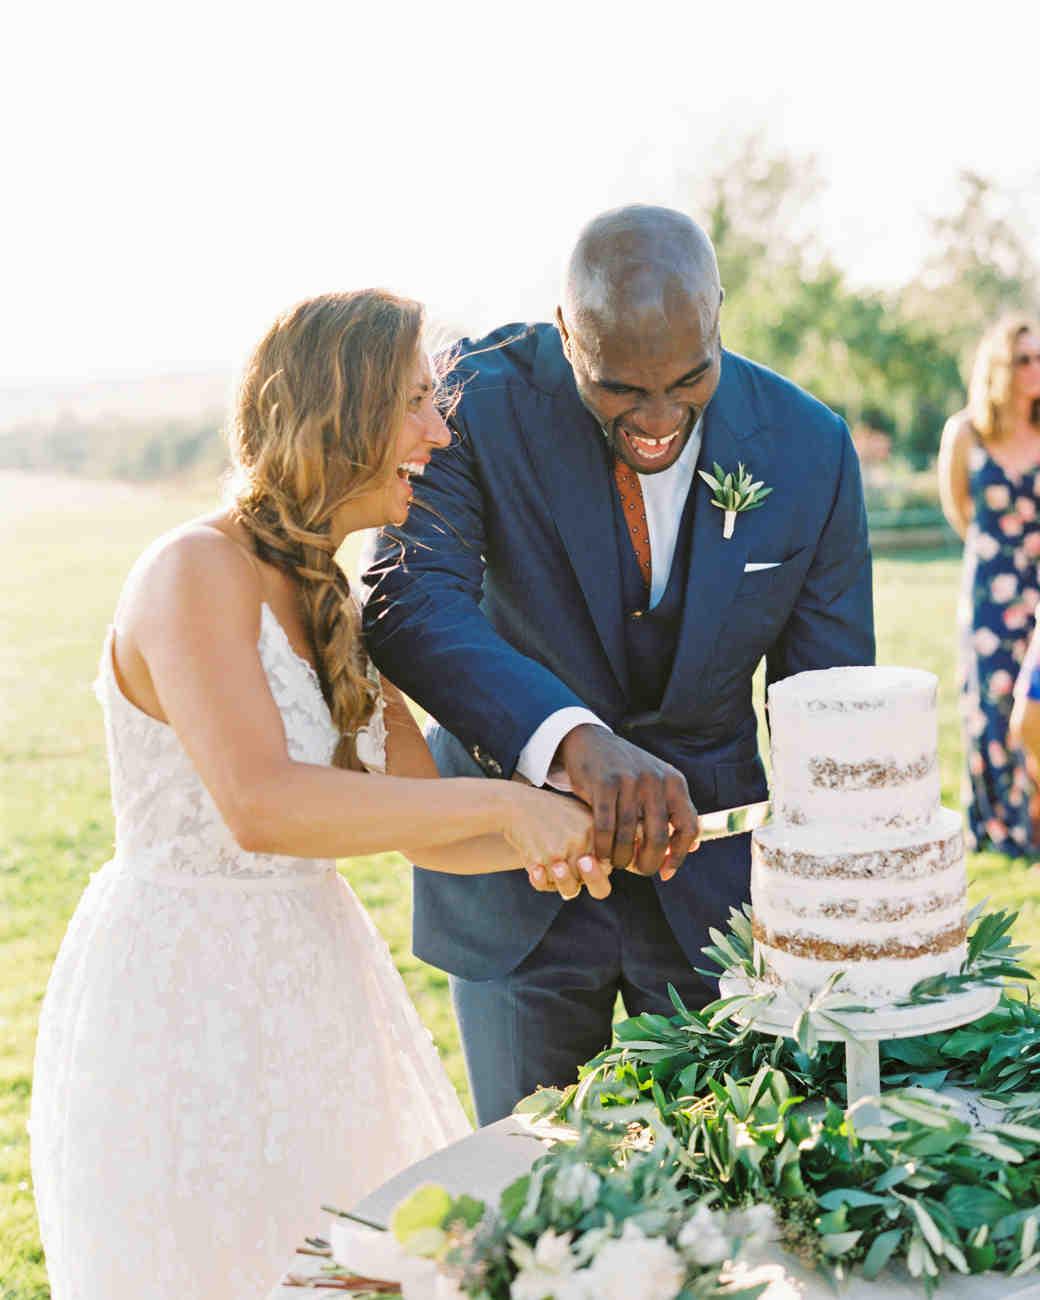 leila joel wedding cake cutting